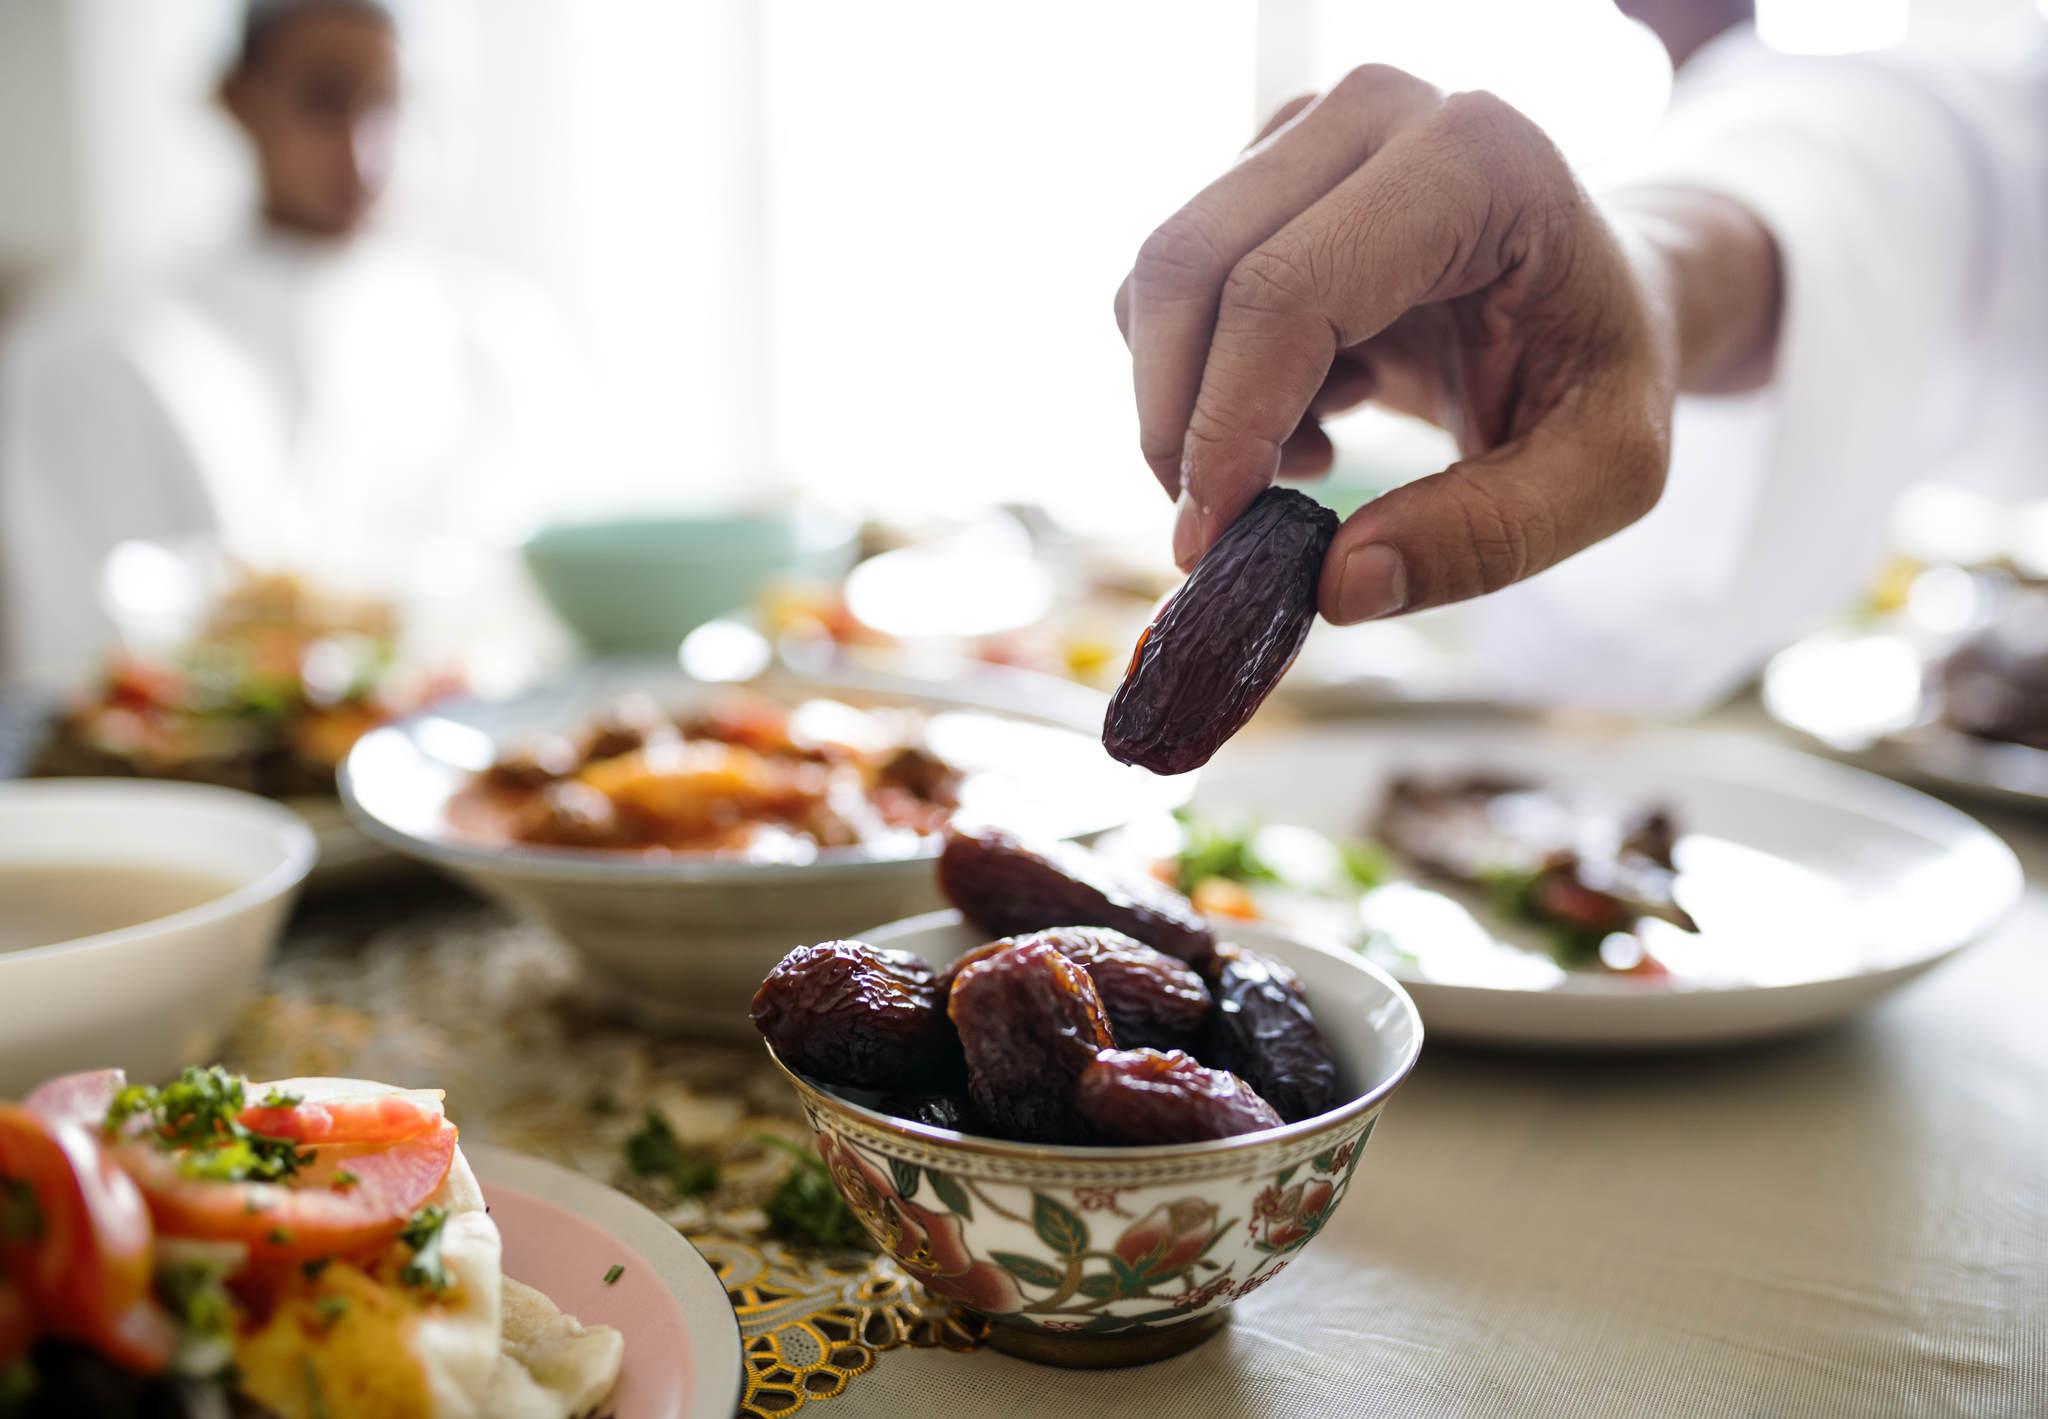 tabaktan hurma alan adam, ramazan diyeti nasıl yapılır